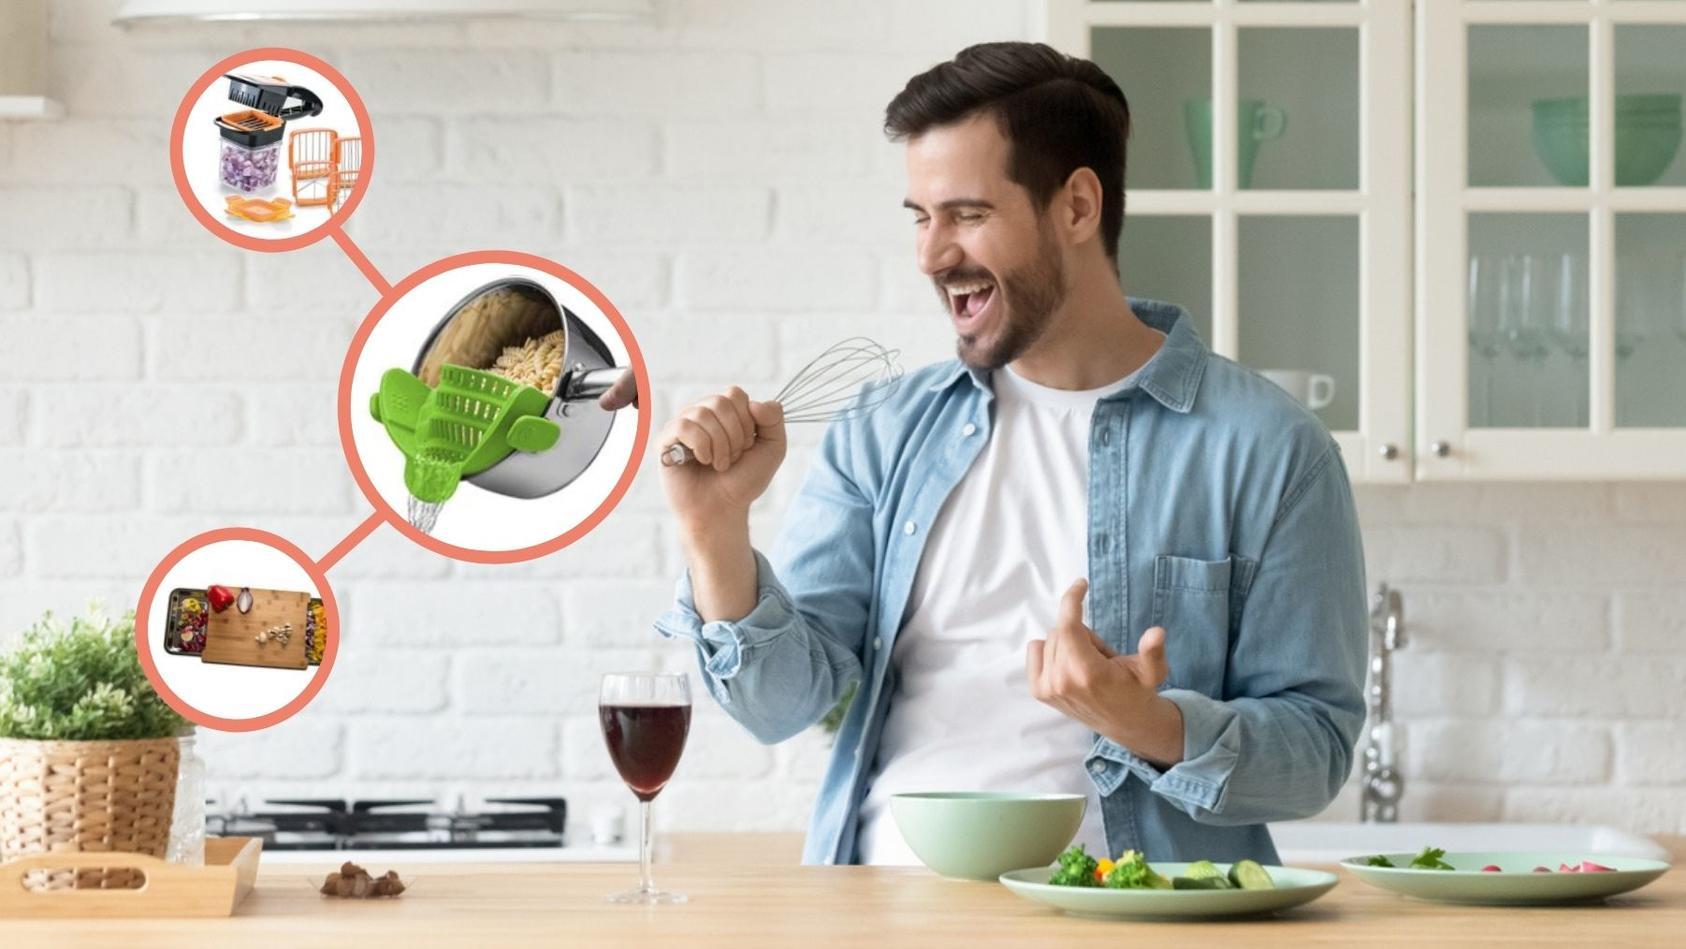 Mit smarten Küchen-Gadgets macht das Kochen richtig Spaß!